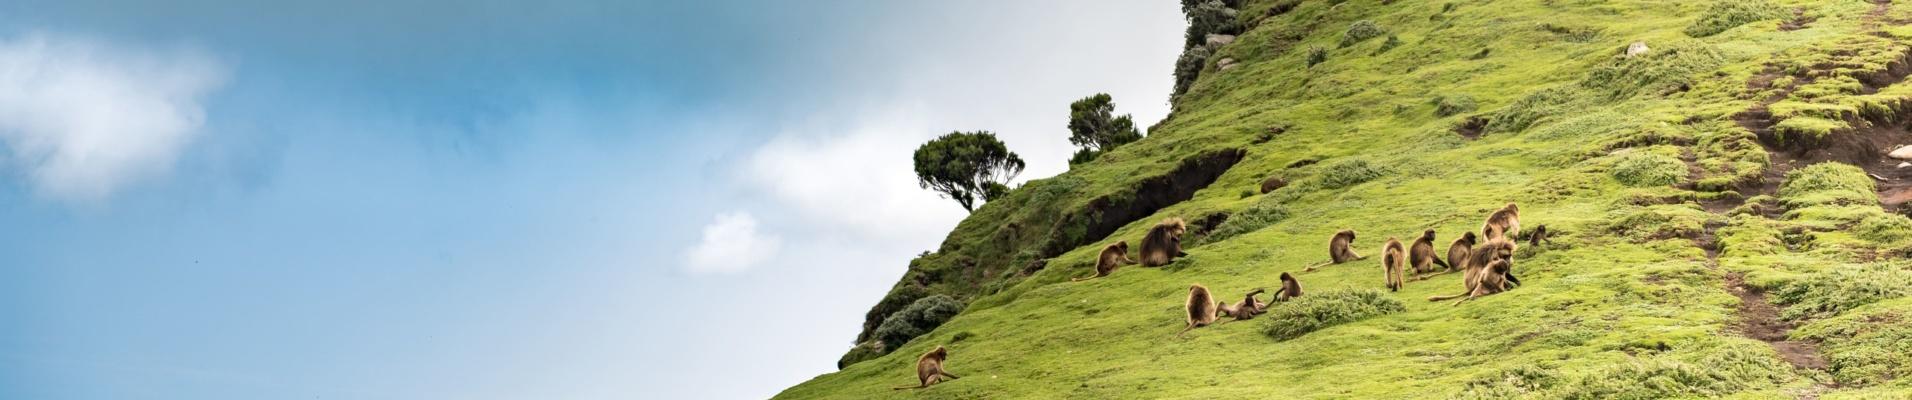 Babouins dans les montagnes du Simien en Ethiopie